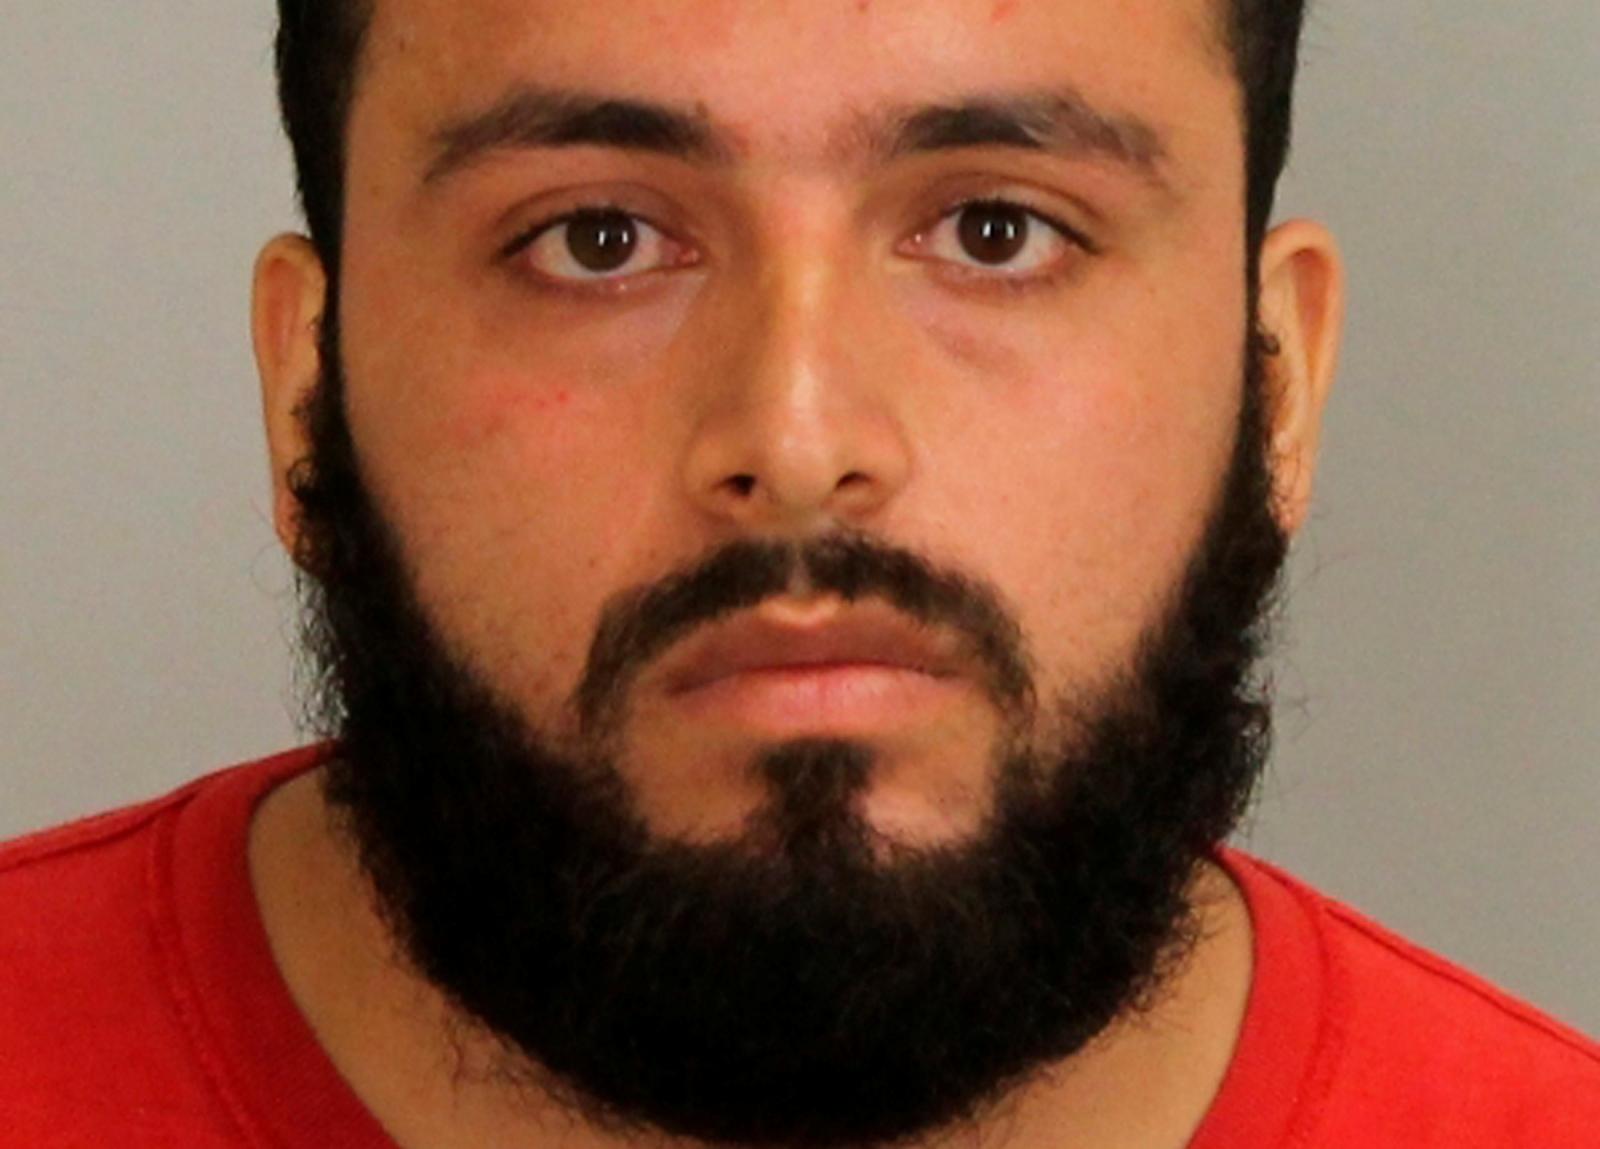 Ahmad Rahimi accused bomb suspect